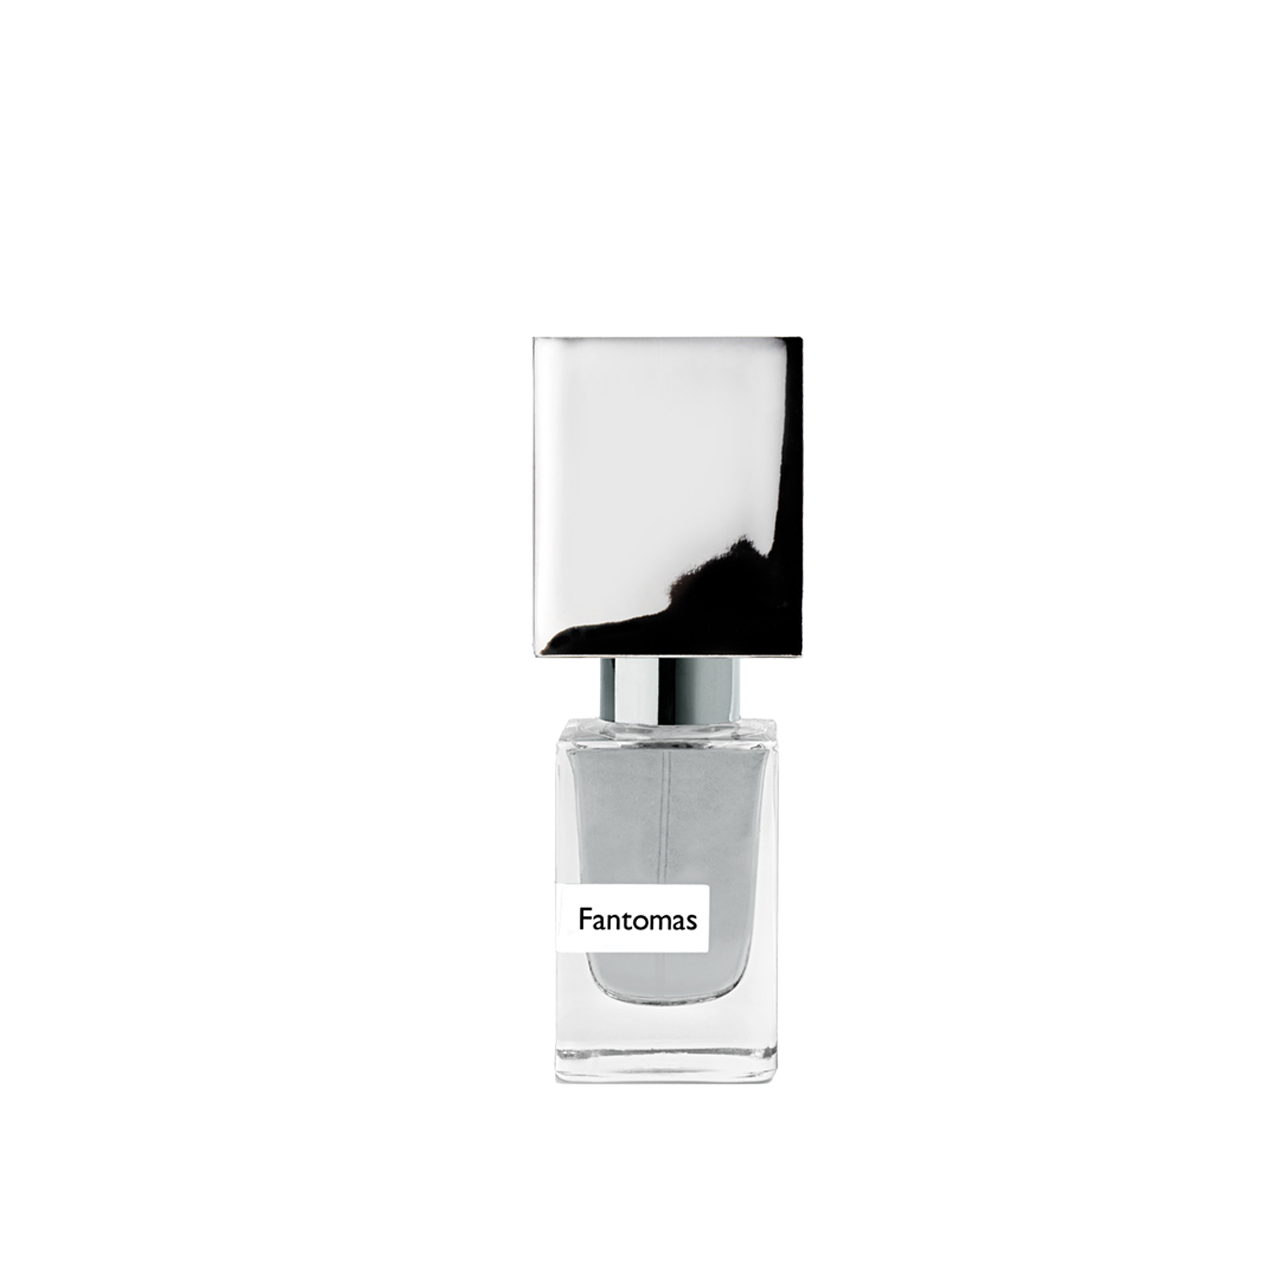 Fantomas - Extrait de Parfum